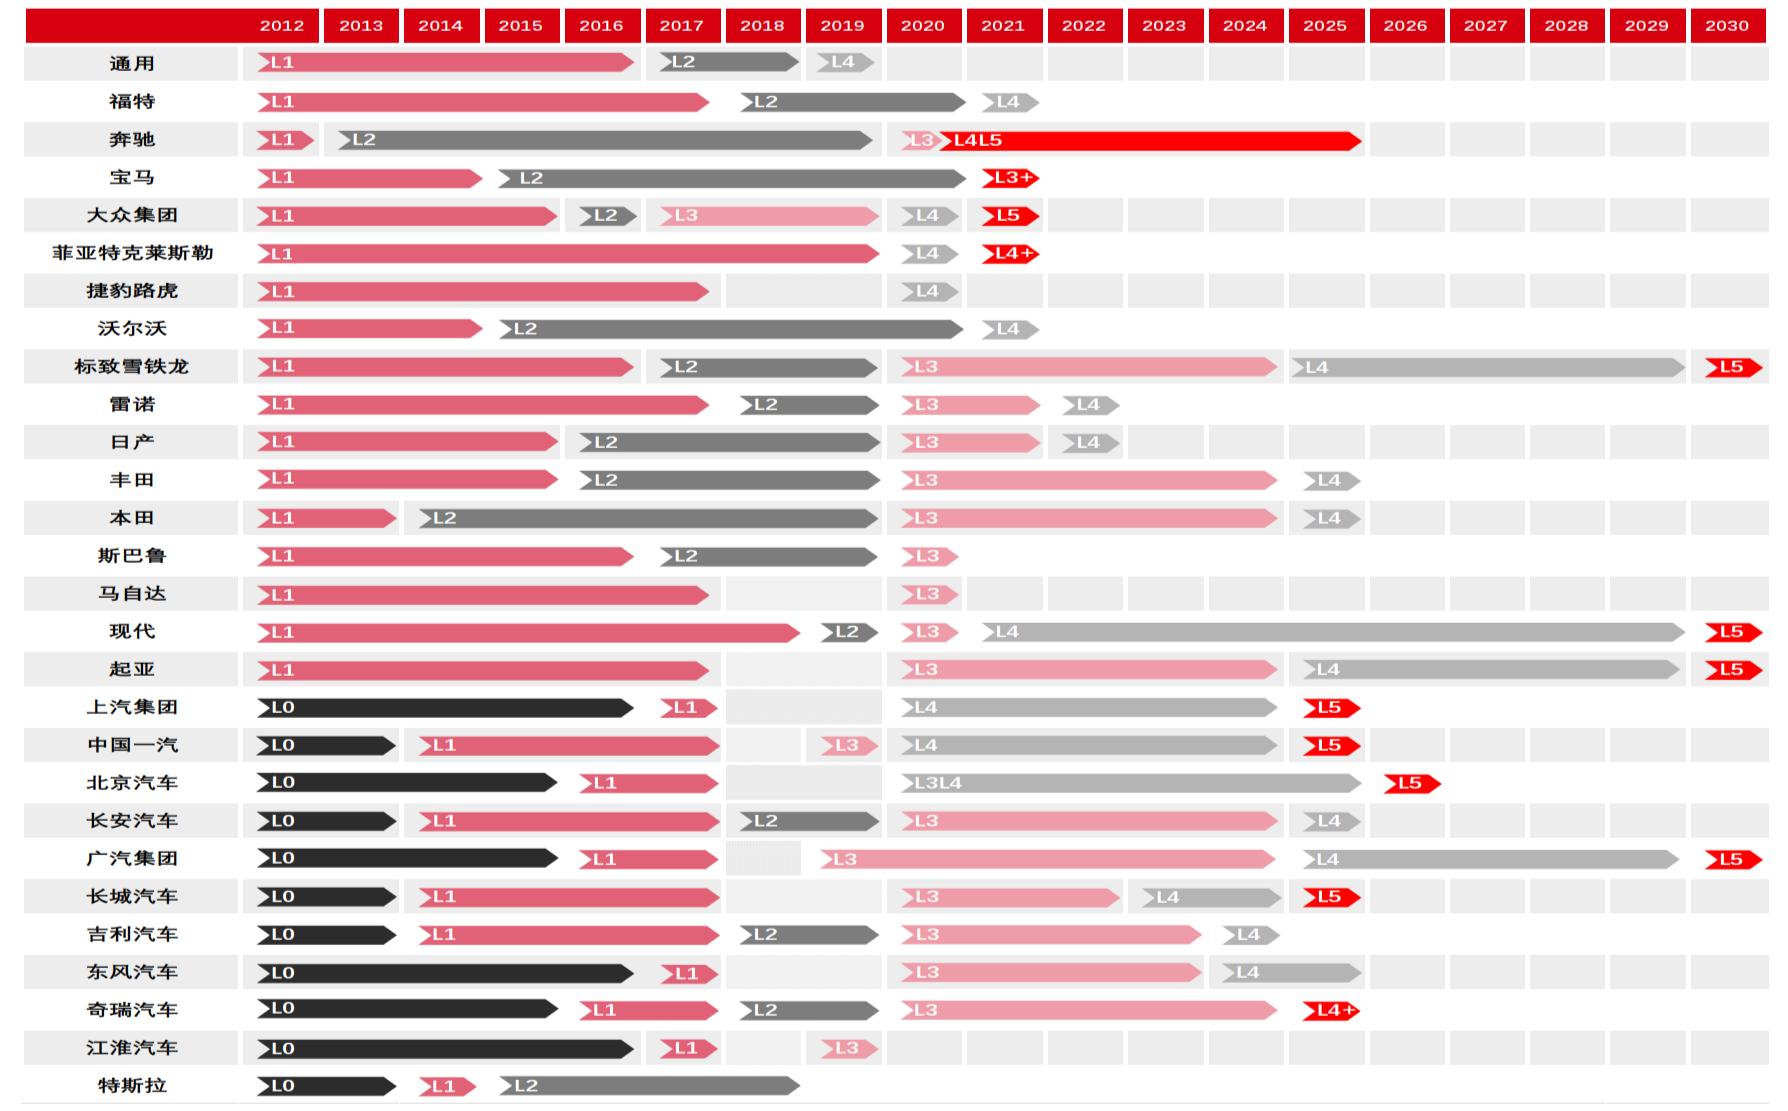 2012年~2030年主要车企自动驾驶技术导入时间表